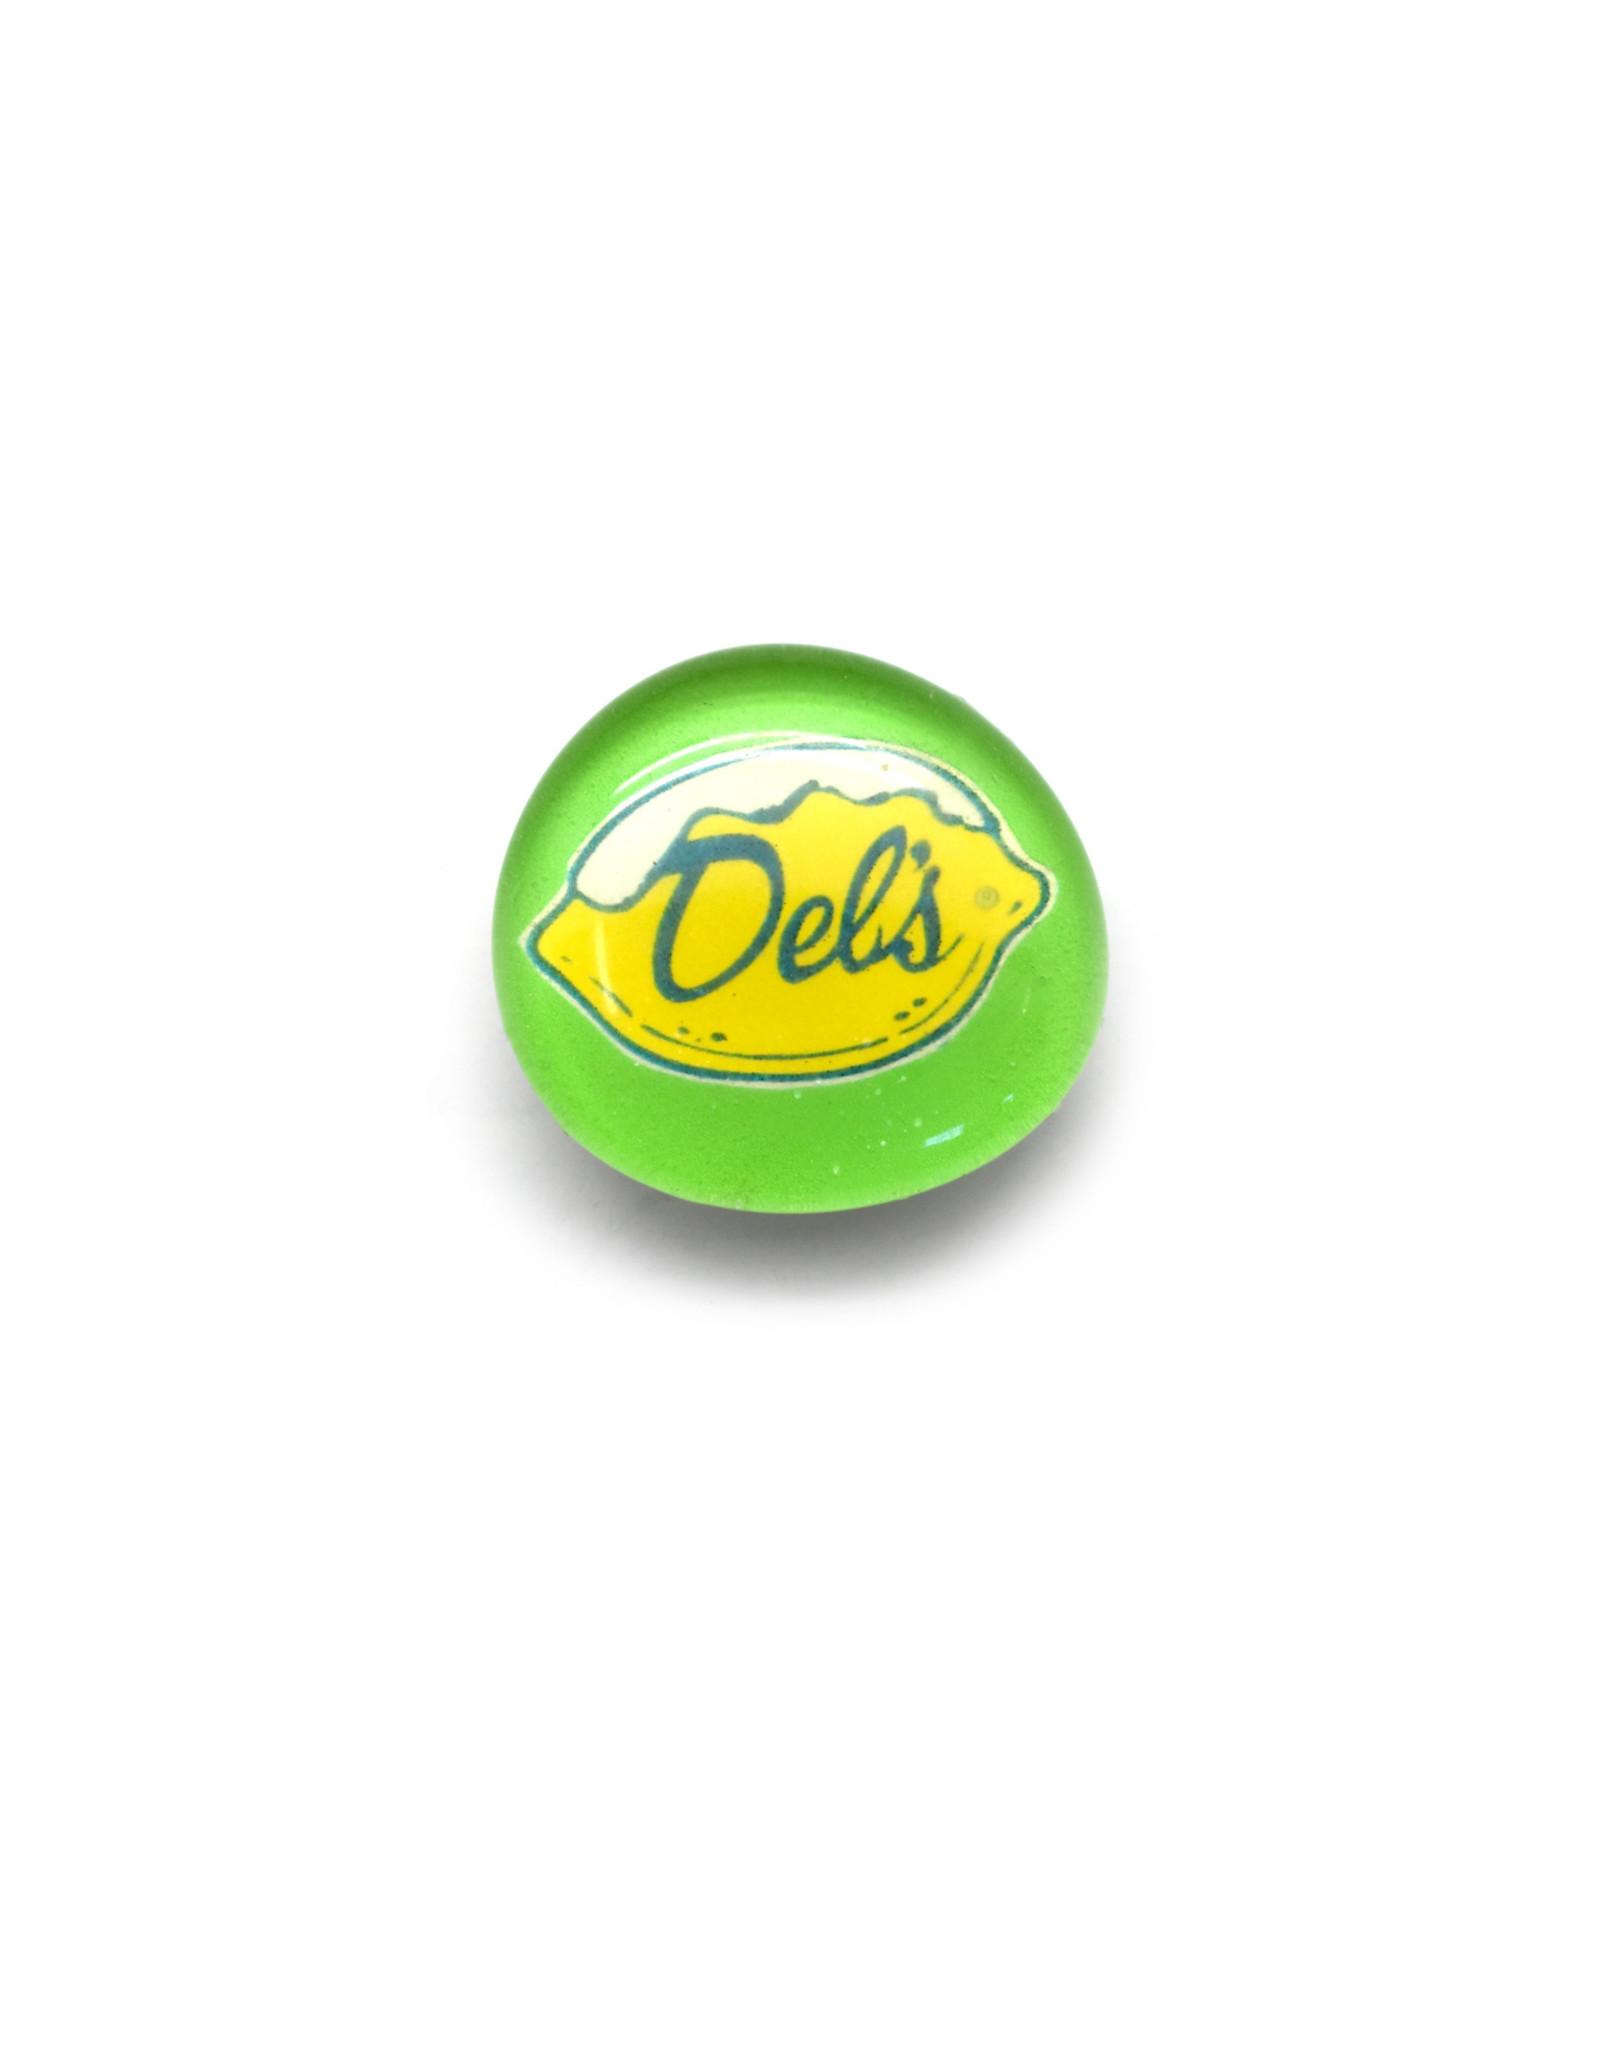 Del's Lemonade Magnet